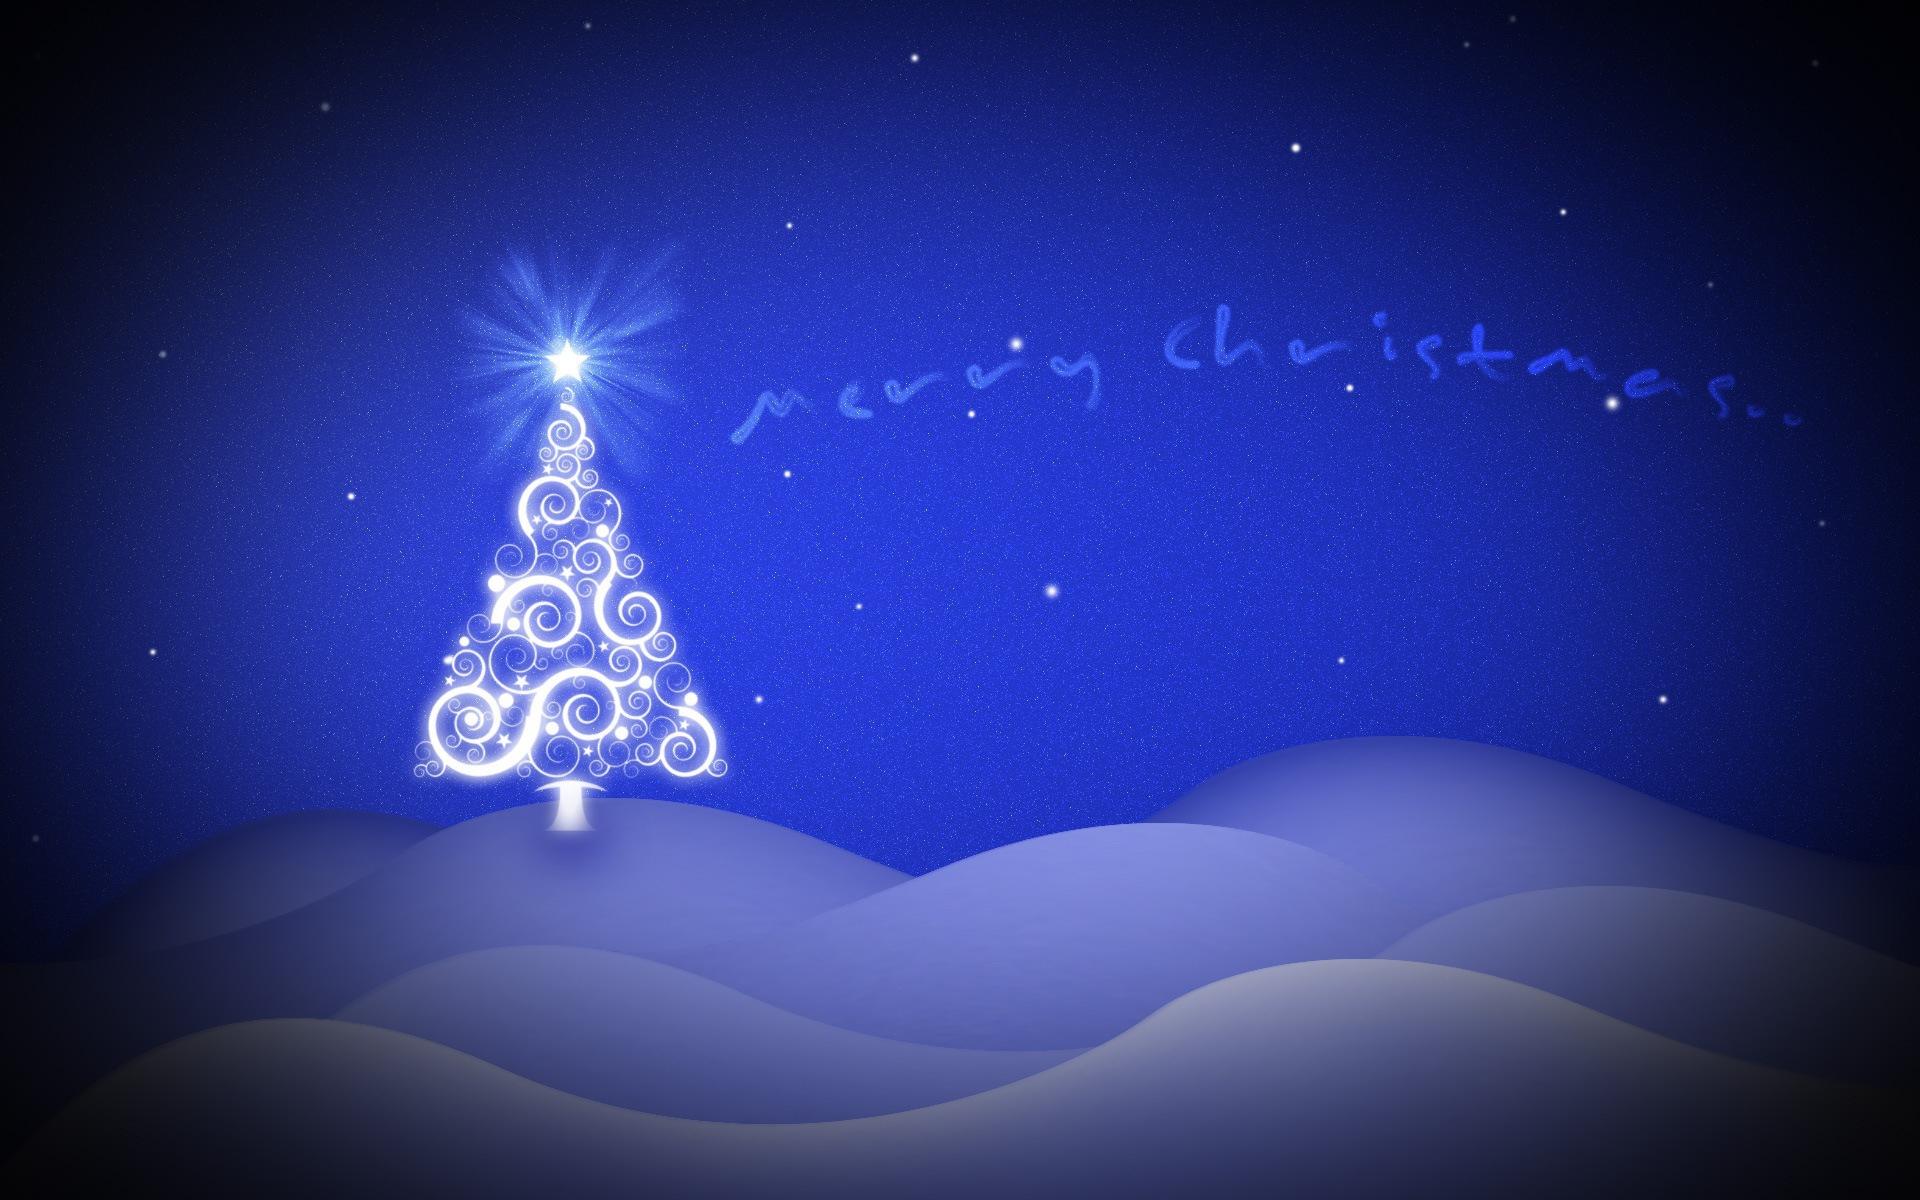 Картинки, новогодняя открытка фотошоп синяя